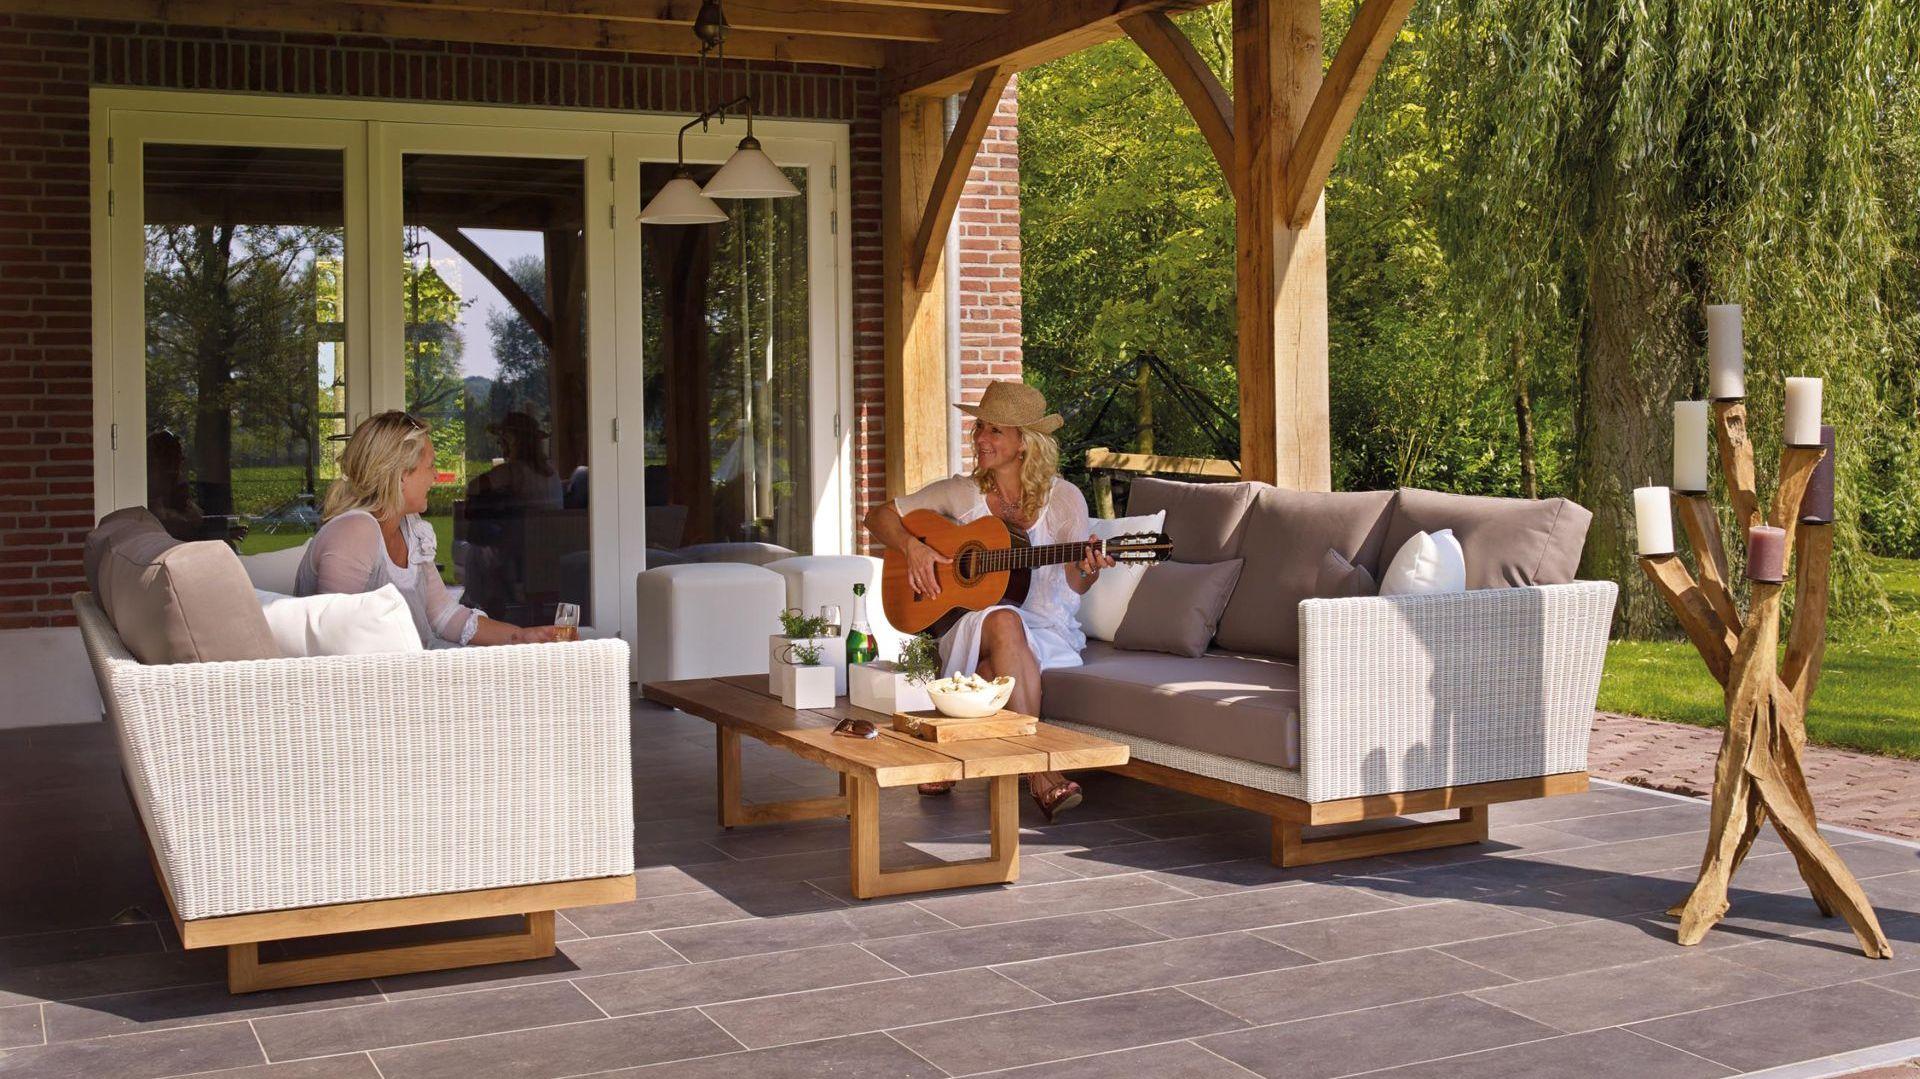 Płytki ceramiczne czy gresowe to materiał idealny do wykończenia tarasu oraz balkonu. Fot. Pexels